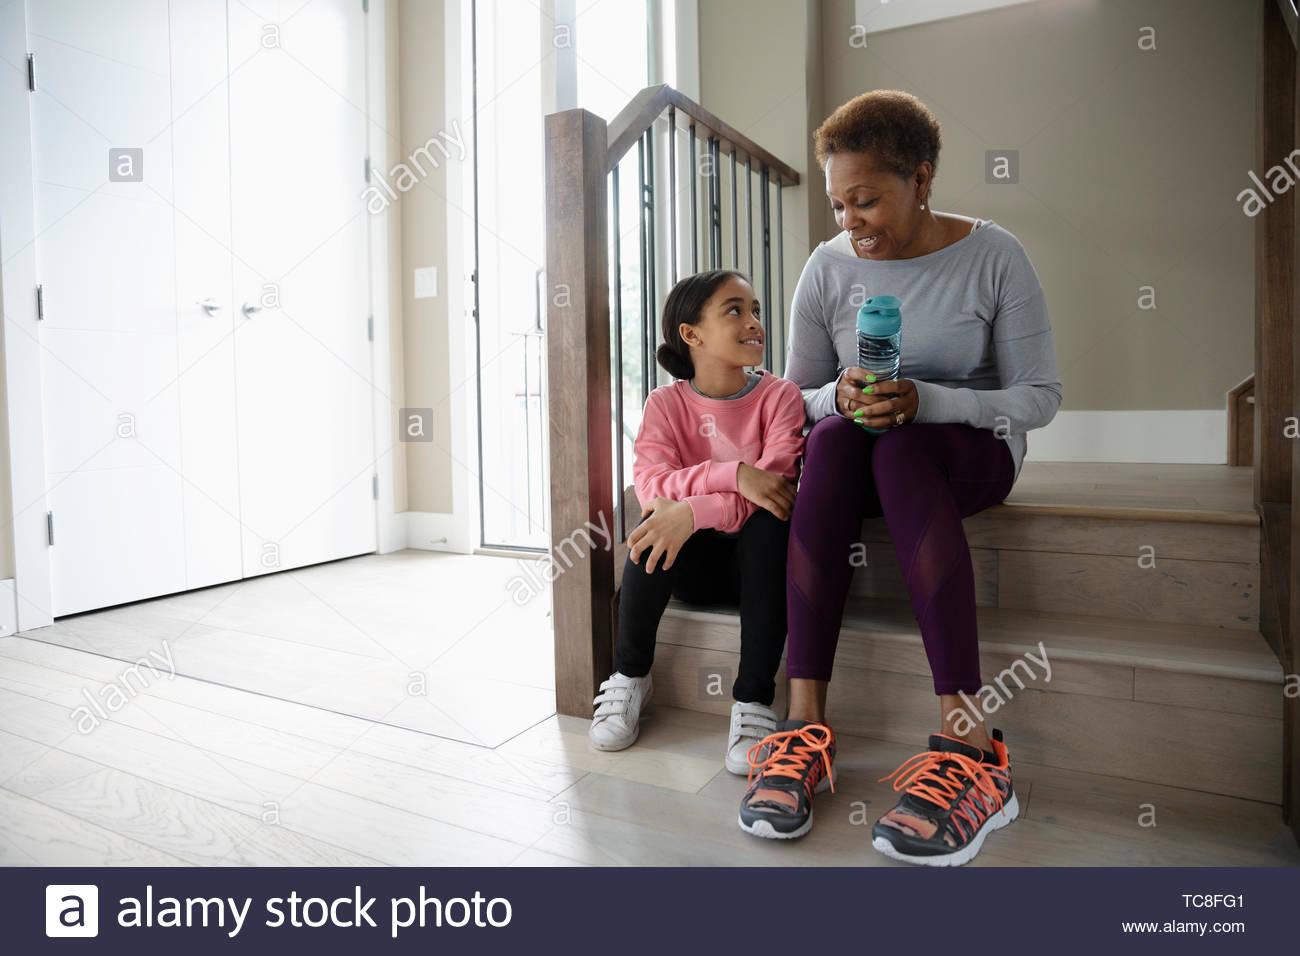 Abuela y nieta se preparan para caminar Imagen De Stock